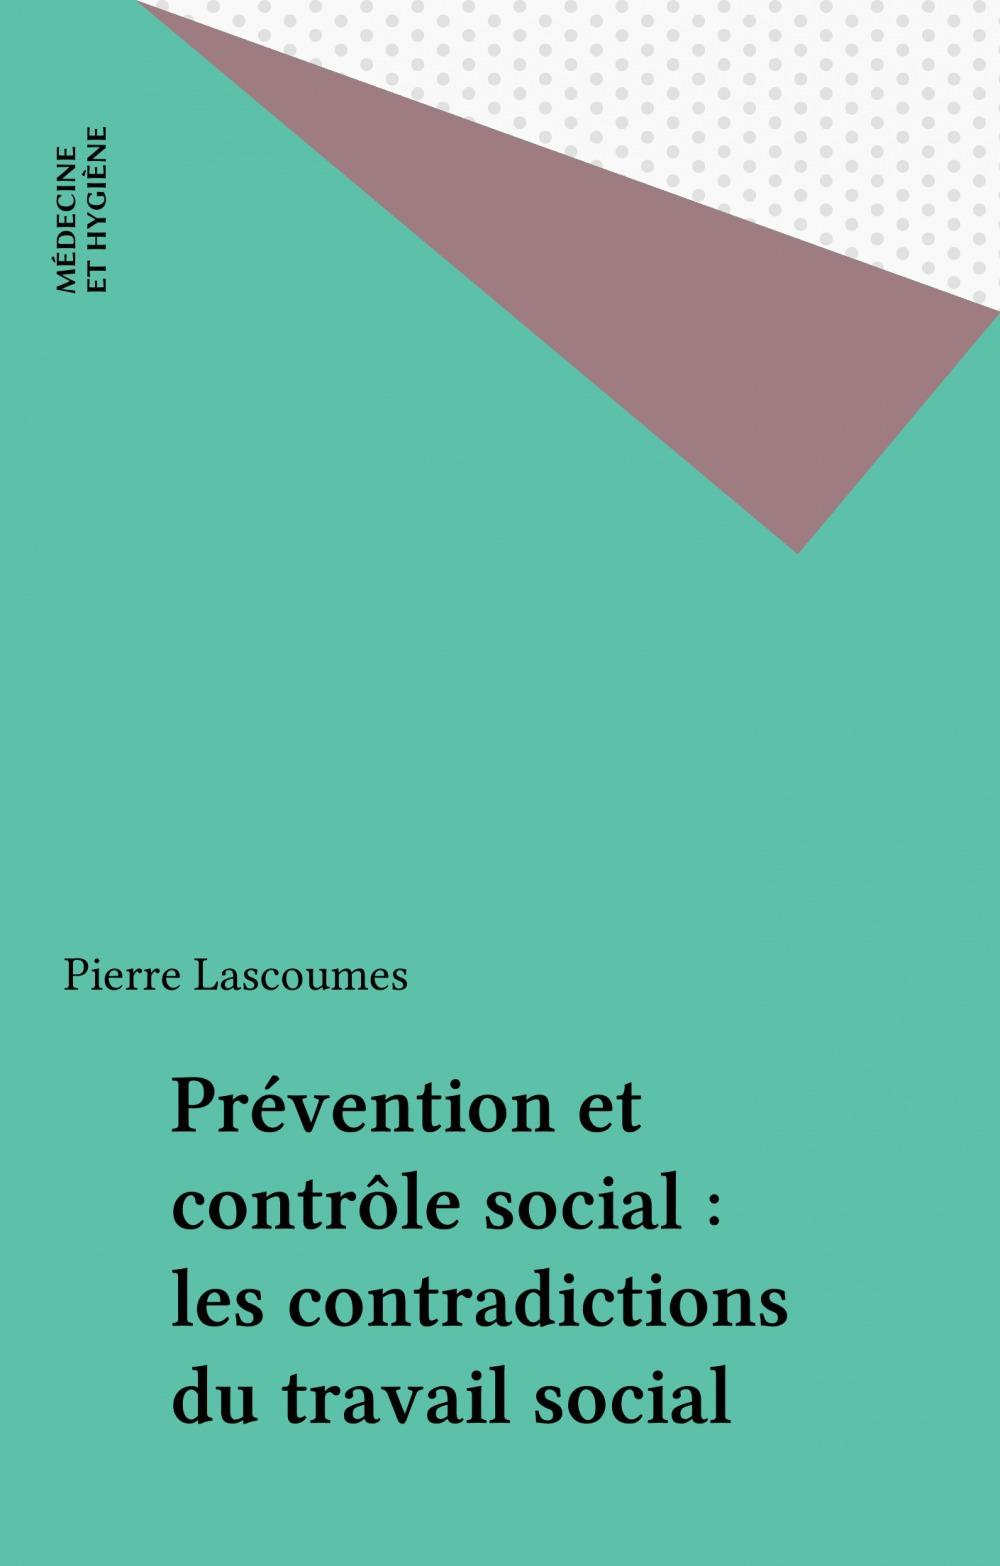 Prévention et contrôle social : les contradictions du travail social